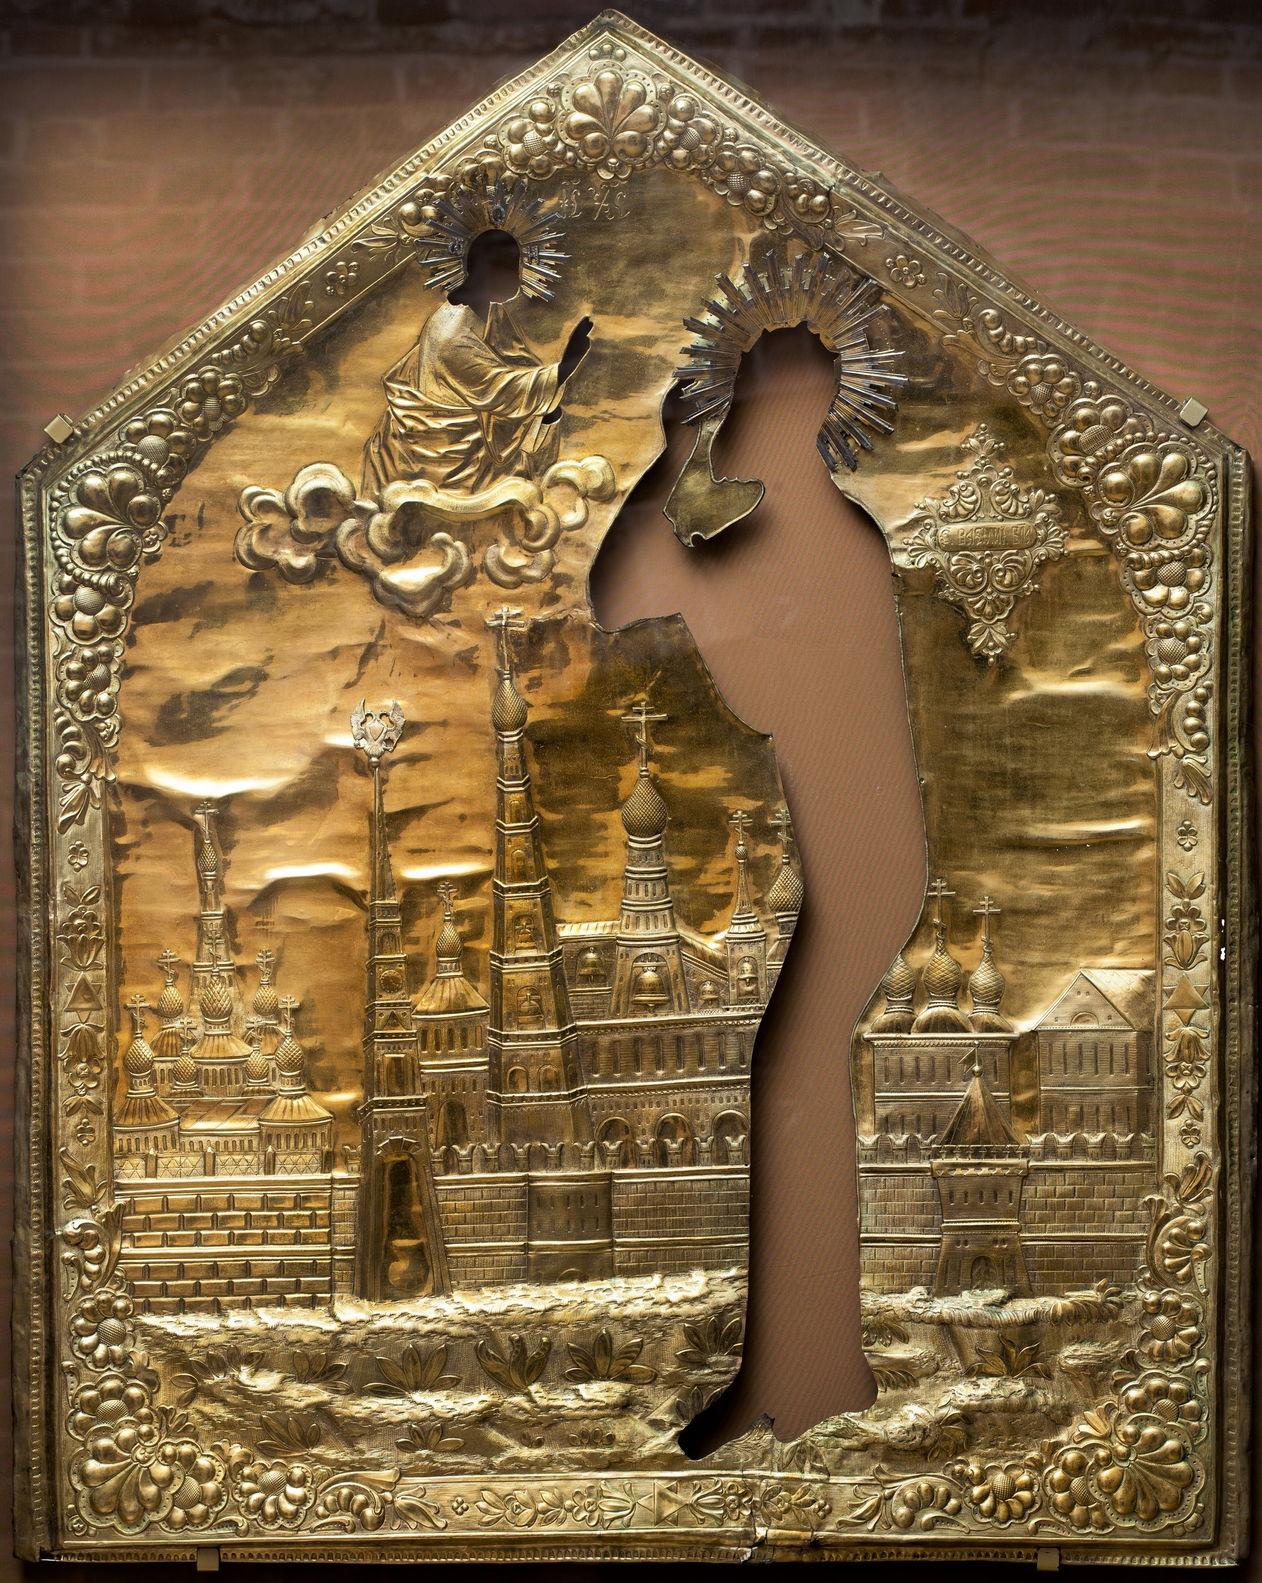 Оклад иконы «Святой Василий Блаженный на фоне Покровского собора». XVIII в.